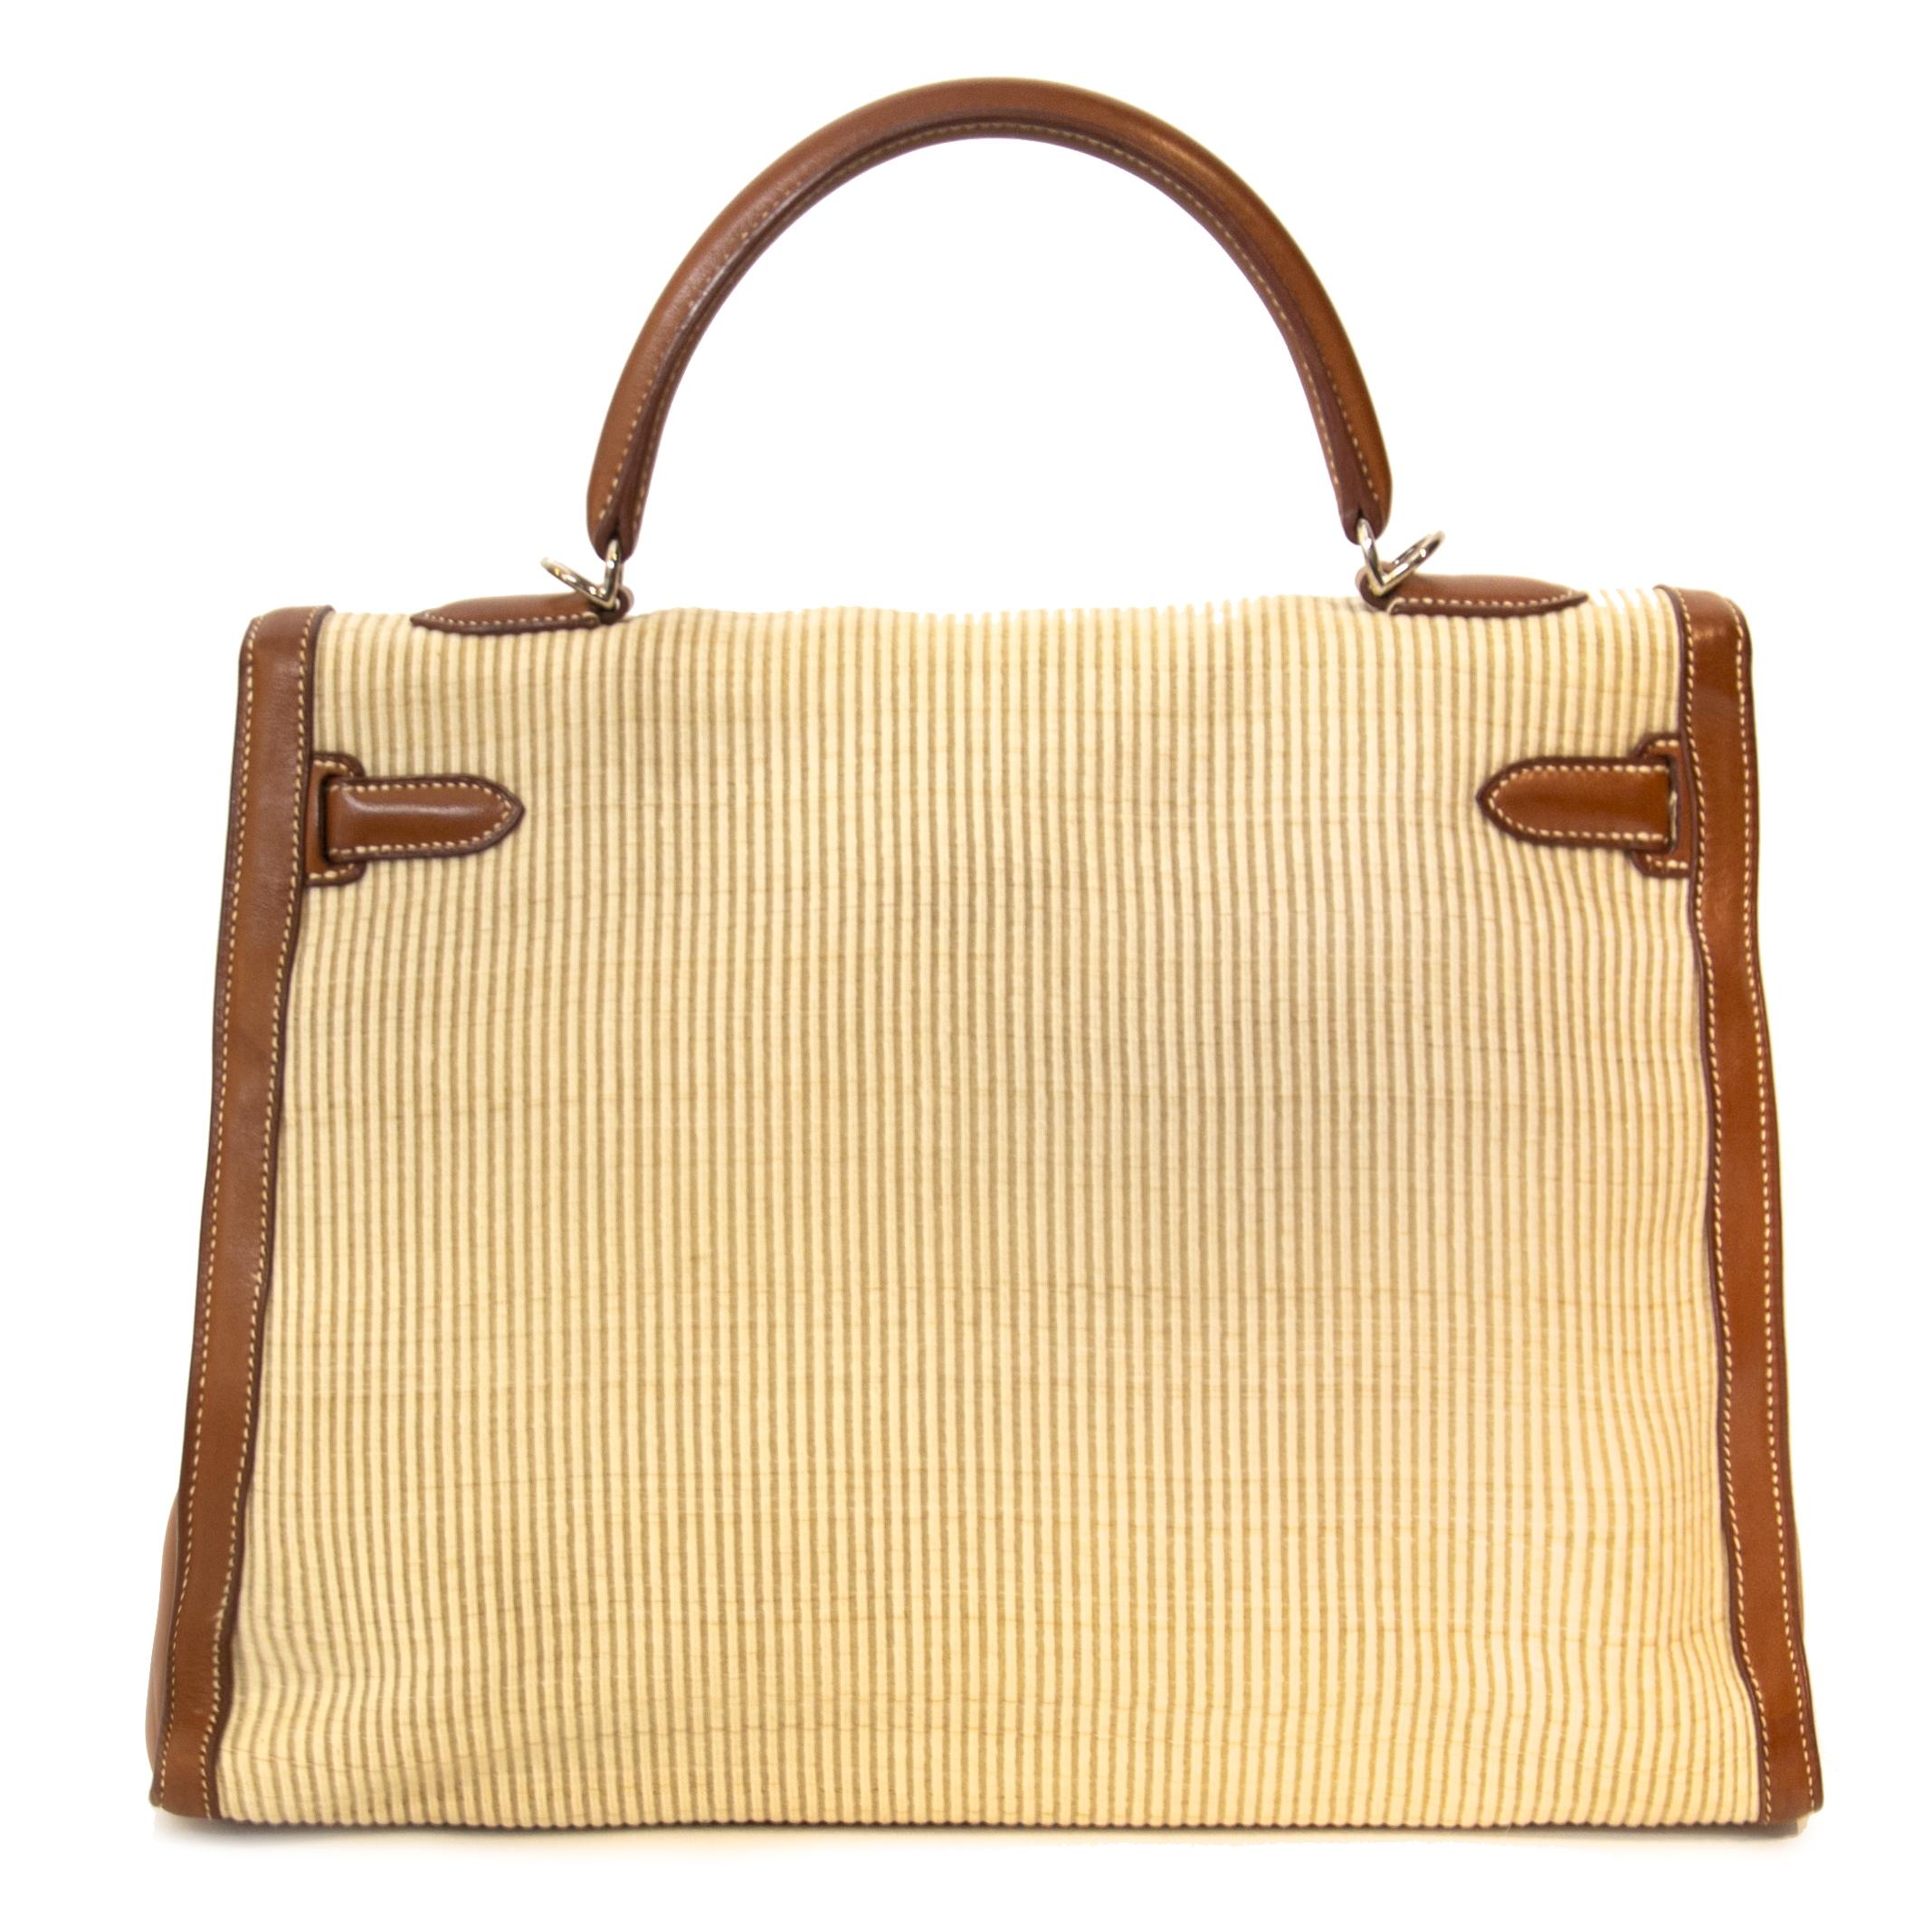 Koop uw authentieke designer handtassen van Hermès aan de beste prijs bij Labellov